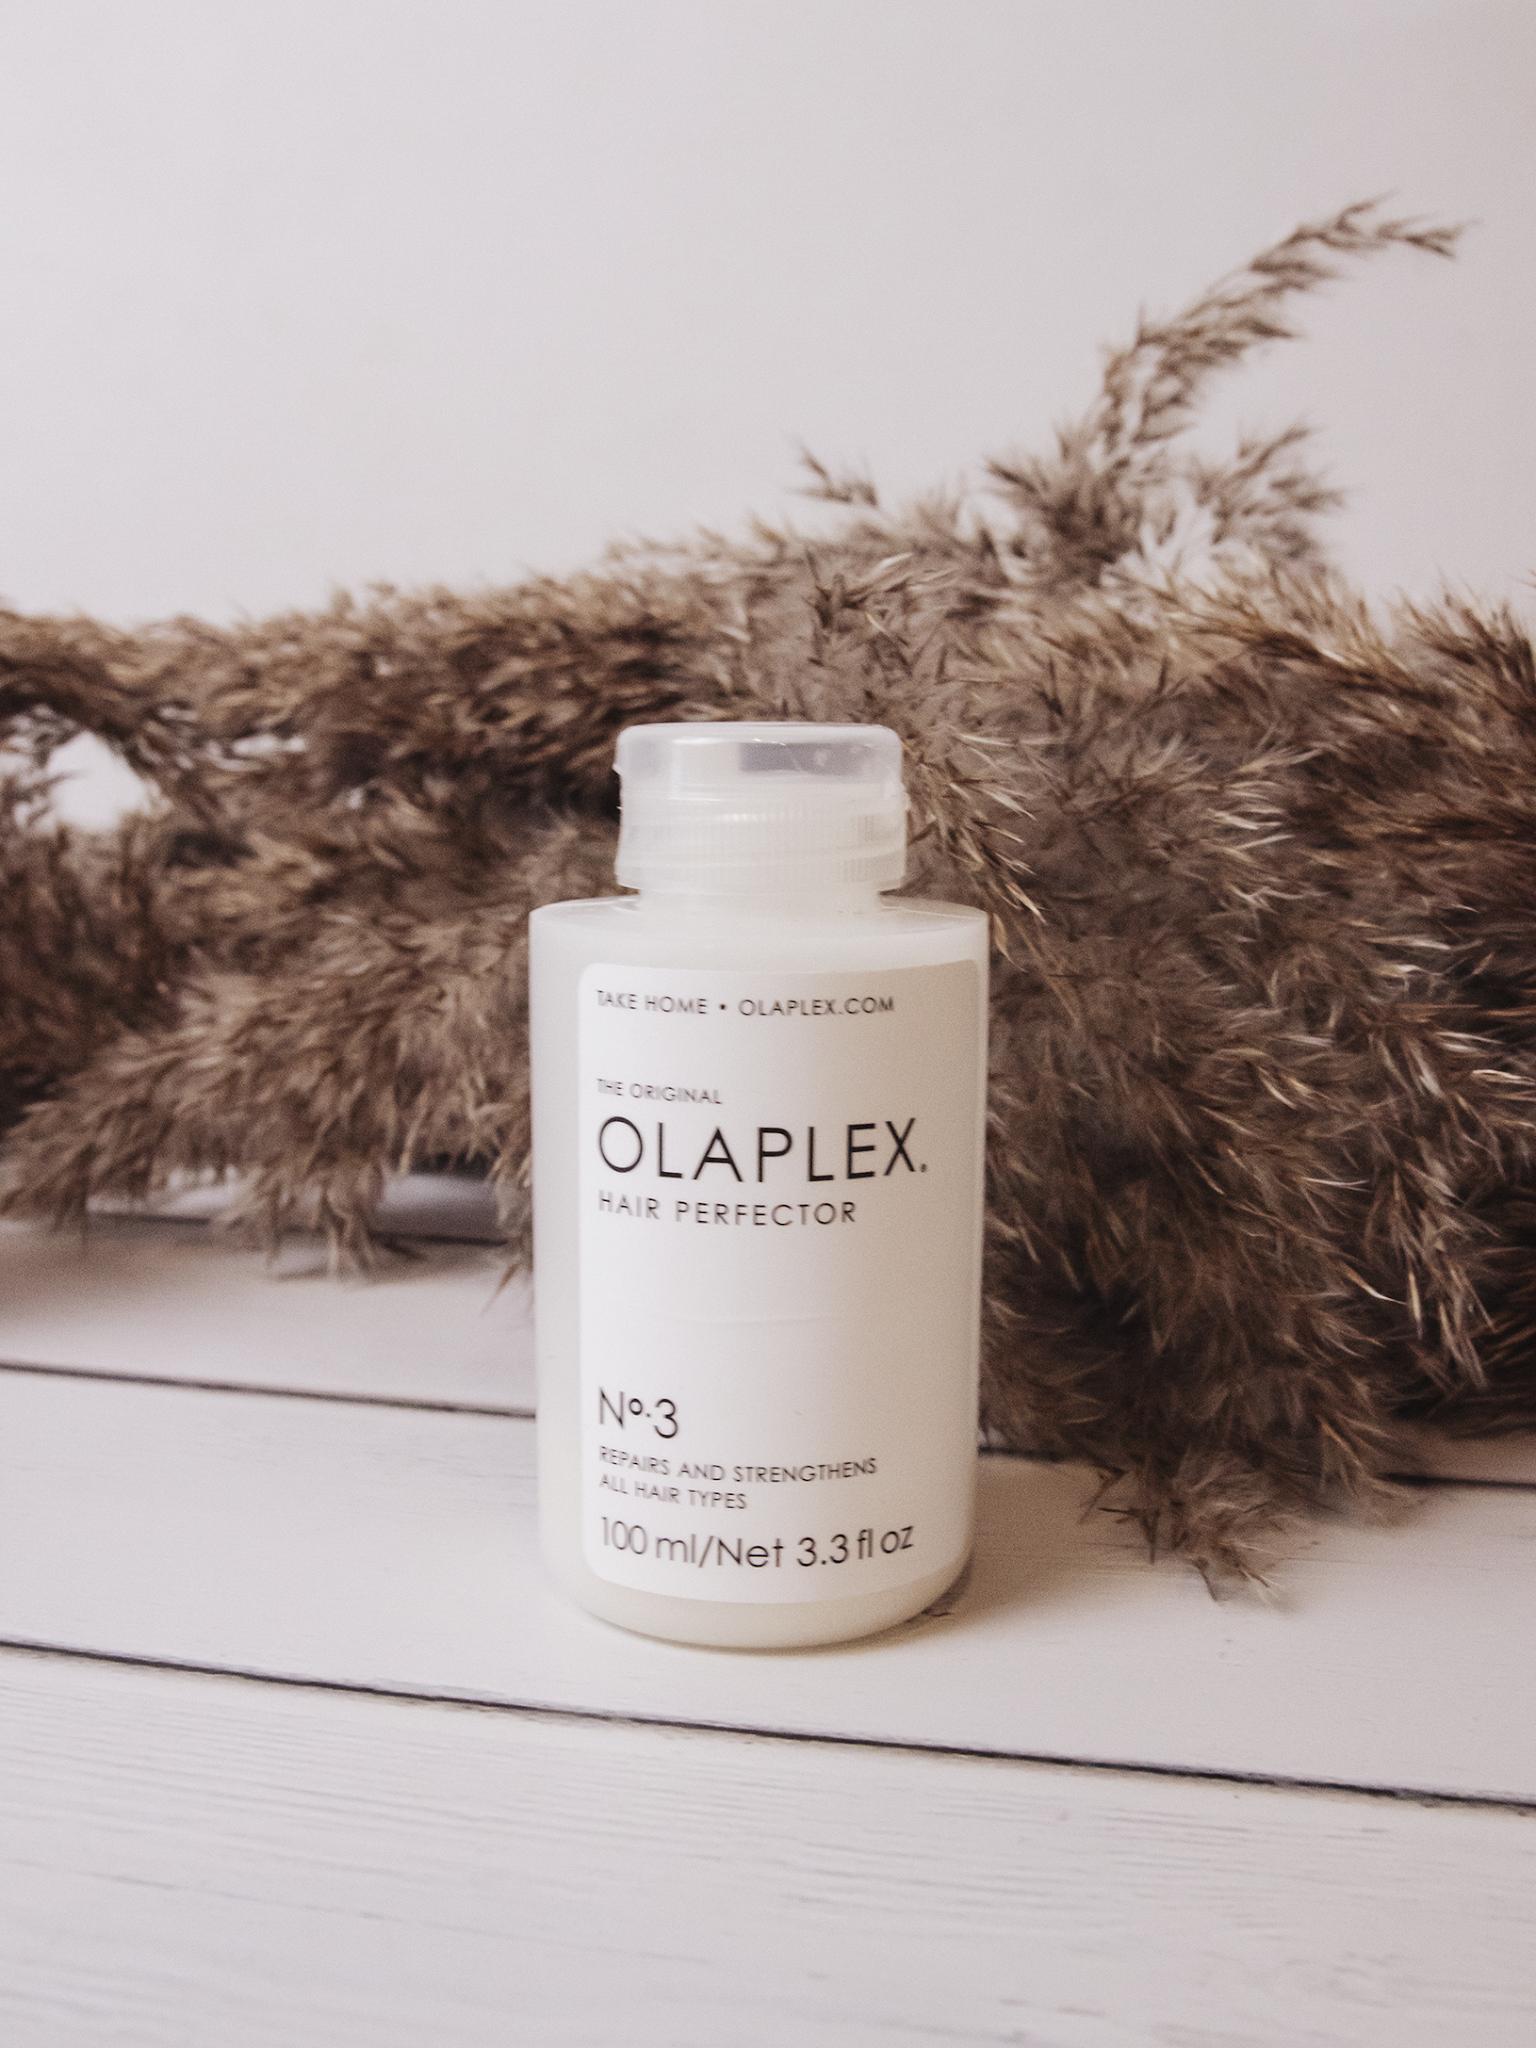 Olaplex No. 3 Hair Perfector, Kuracja do włosów